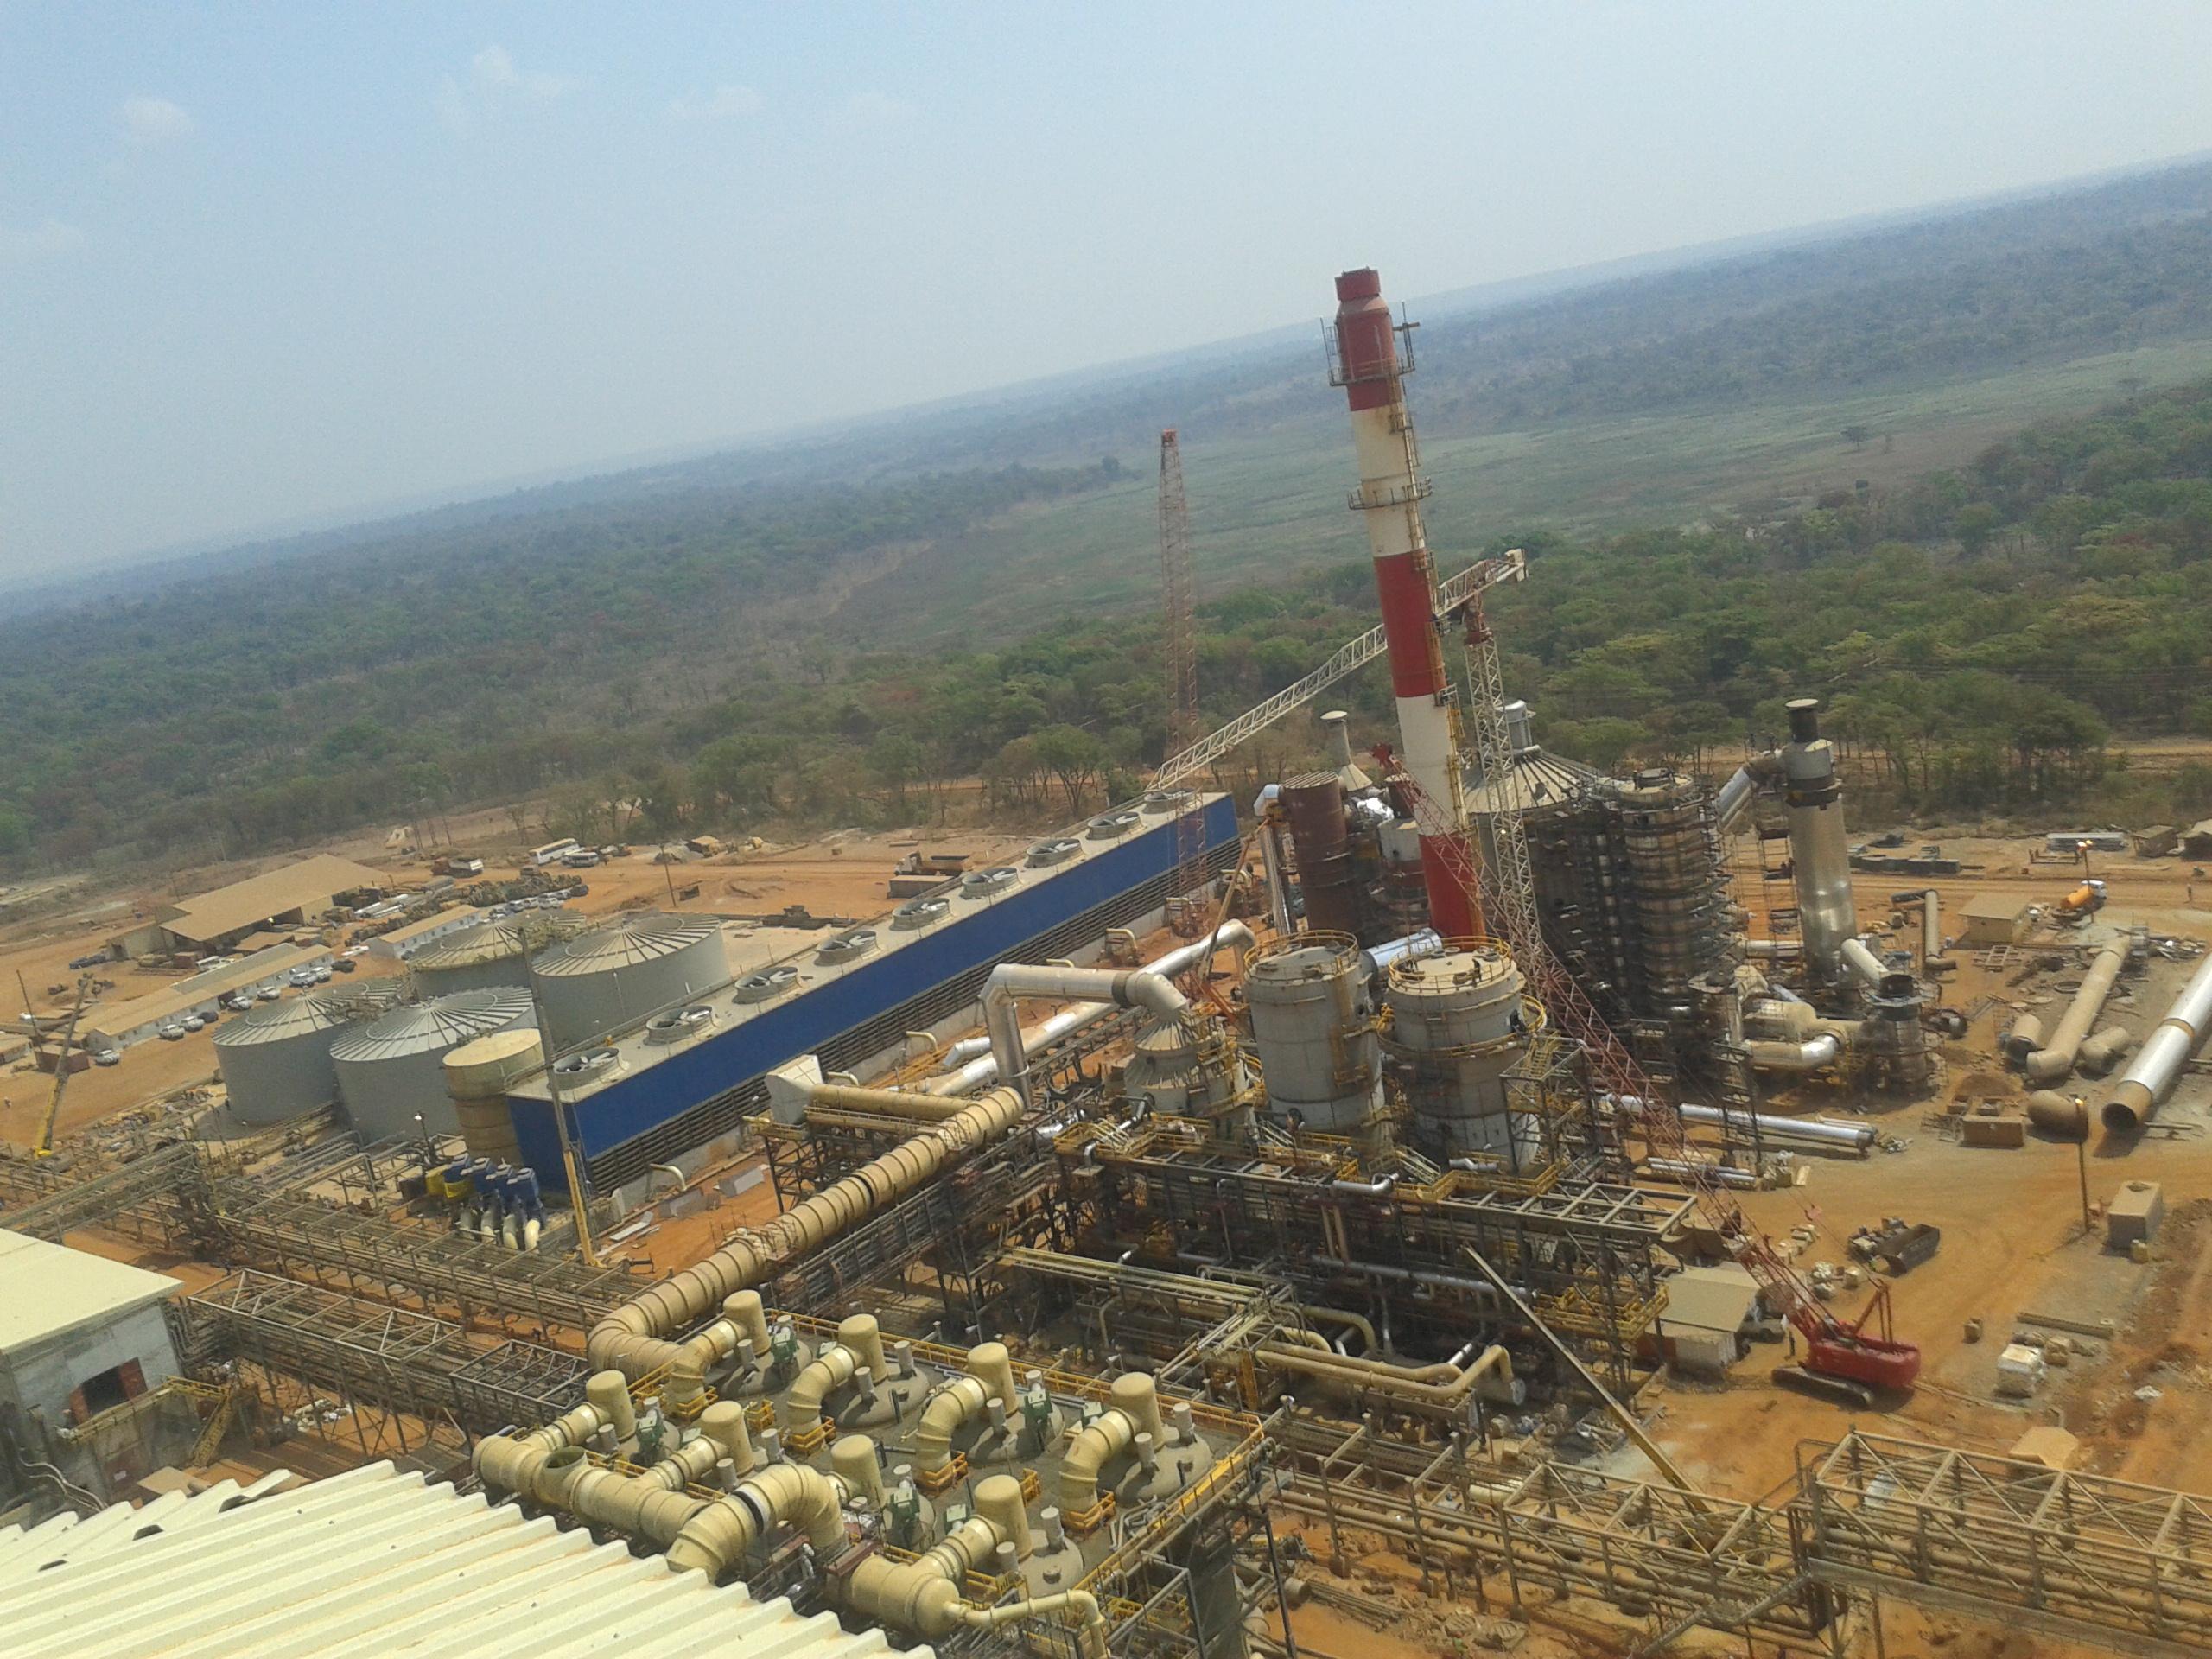 8. Projects_2_Kansanshi Copper Smelter_3